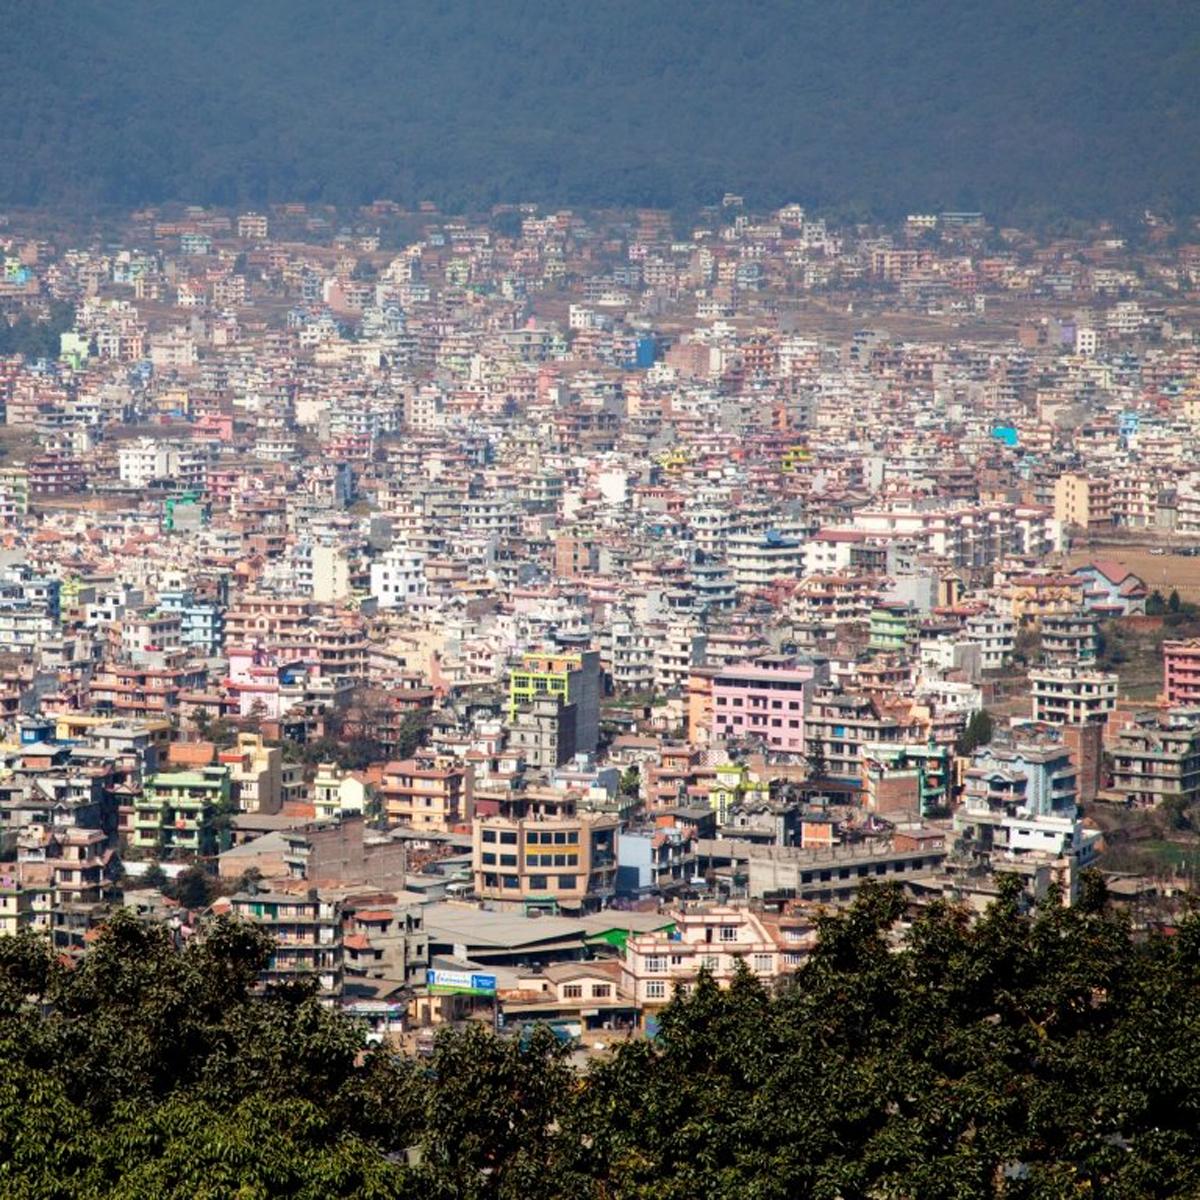 काठमाण्डौ मा कुन व्यवसायले बार्षिक कति कर तिर्नुपर्छ दररेट सहित